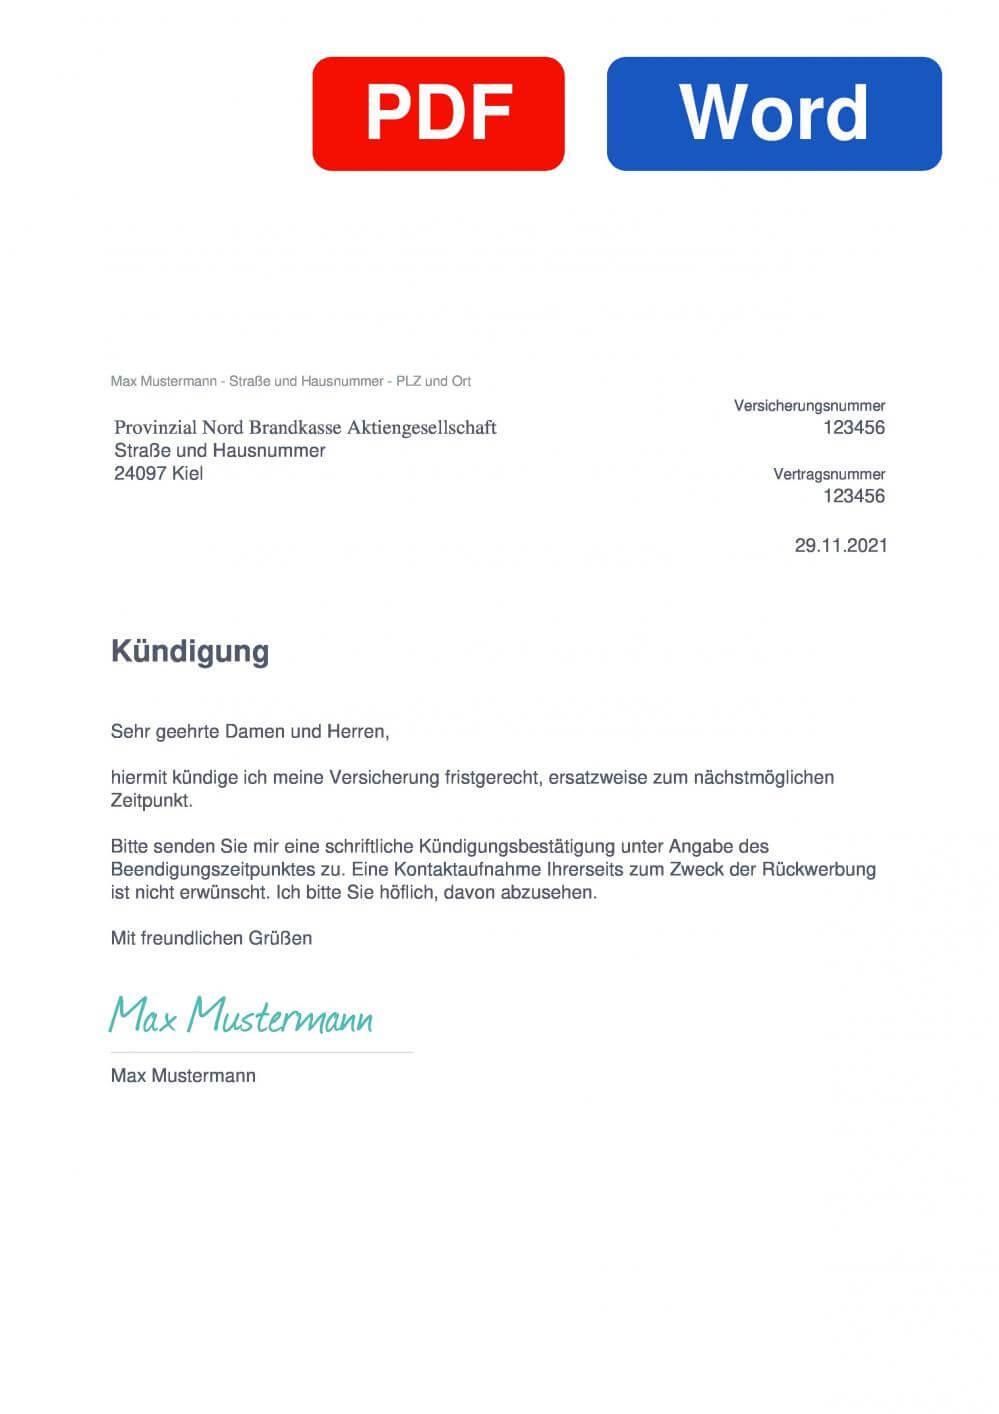 Provinzial Riester Rente Muster Vorlage für Kündigungsschreiben